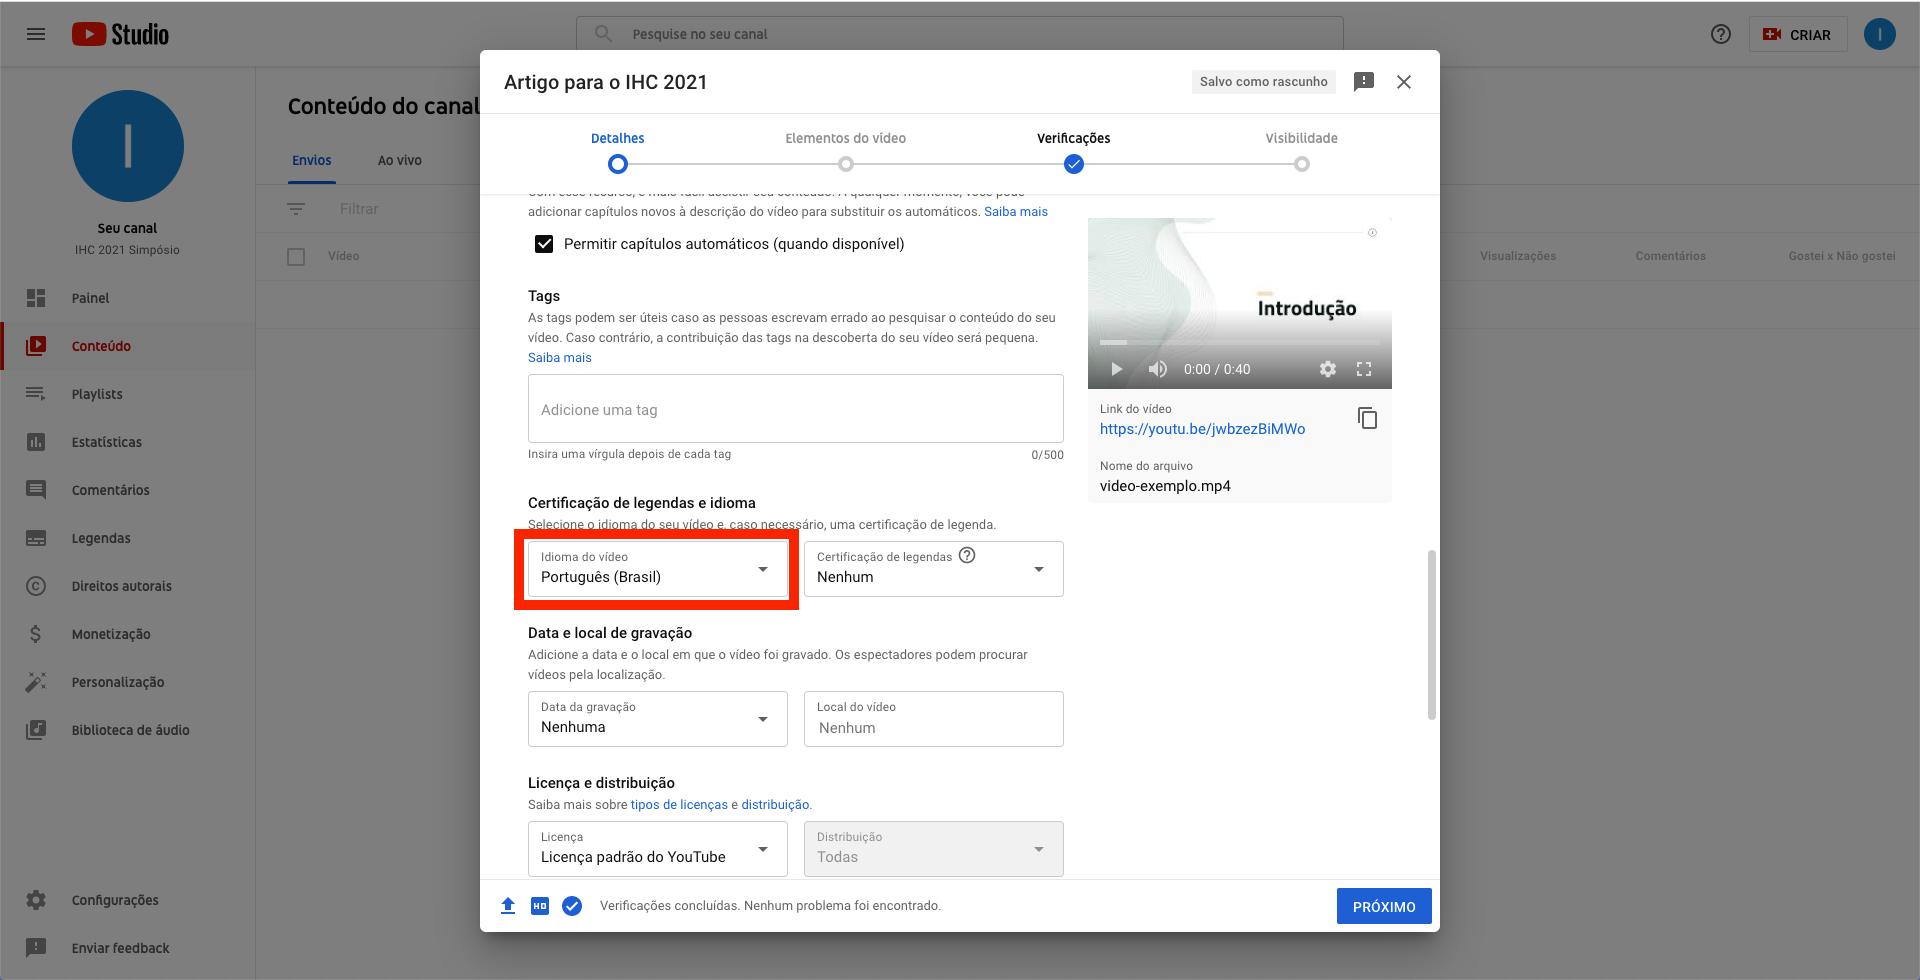 Captura de tela do YouTube. Janela modal contendo campos de formulário que permite a inserção de detalhes do vídeo, com campo 'idioma do vídeo' destacado com uma borda vermelha